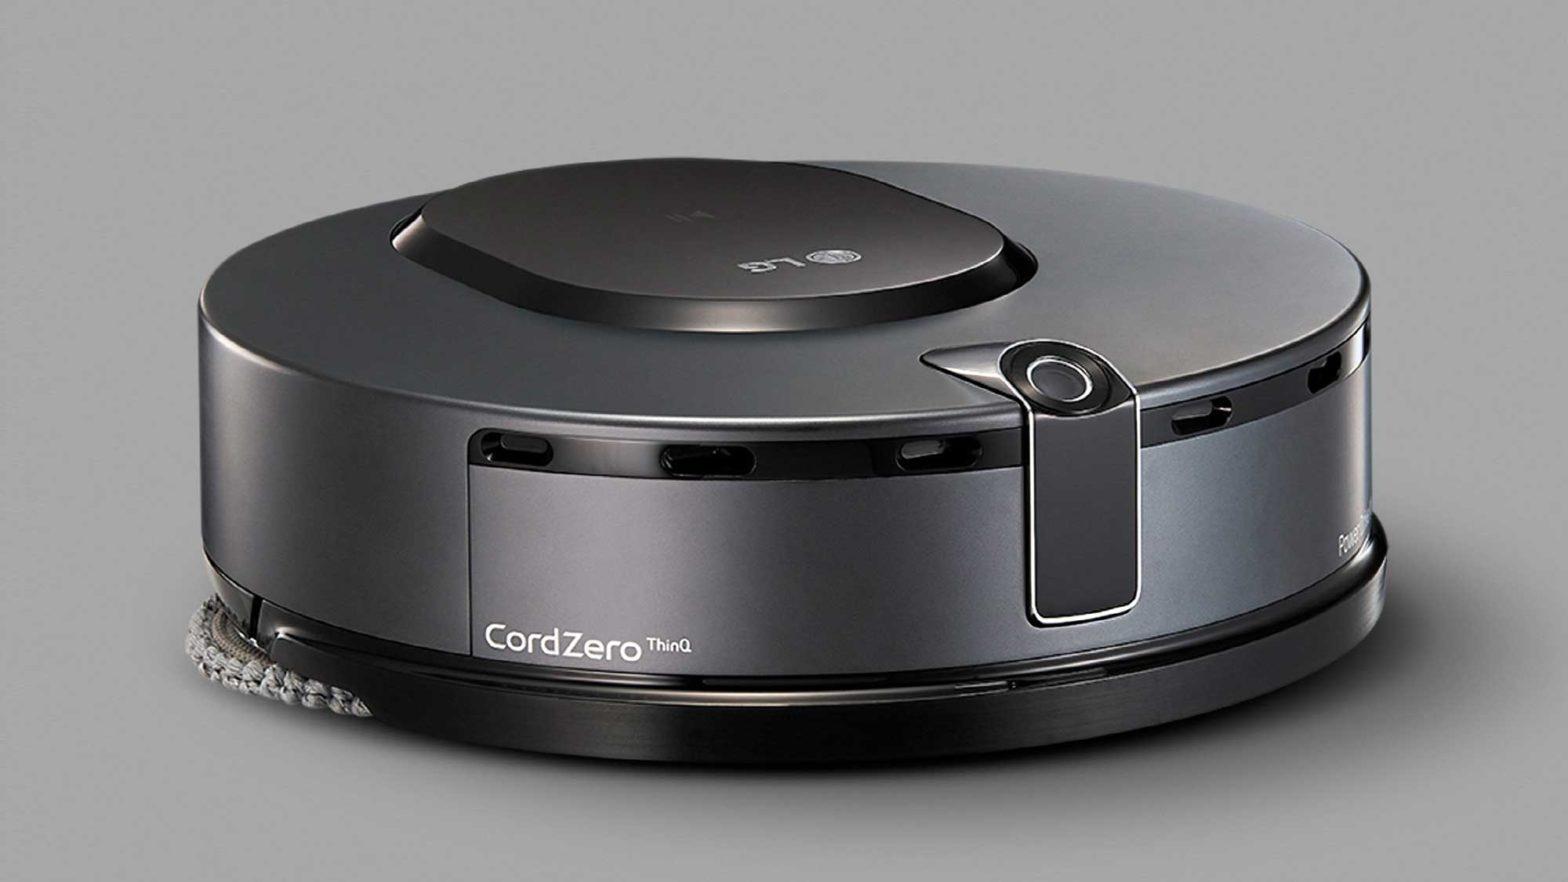 LG CordZero A9 and CordZero Robotic Mop CES 2020